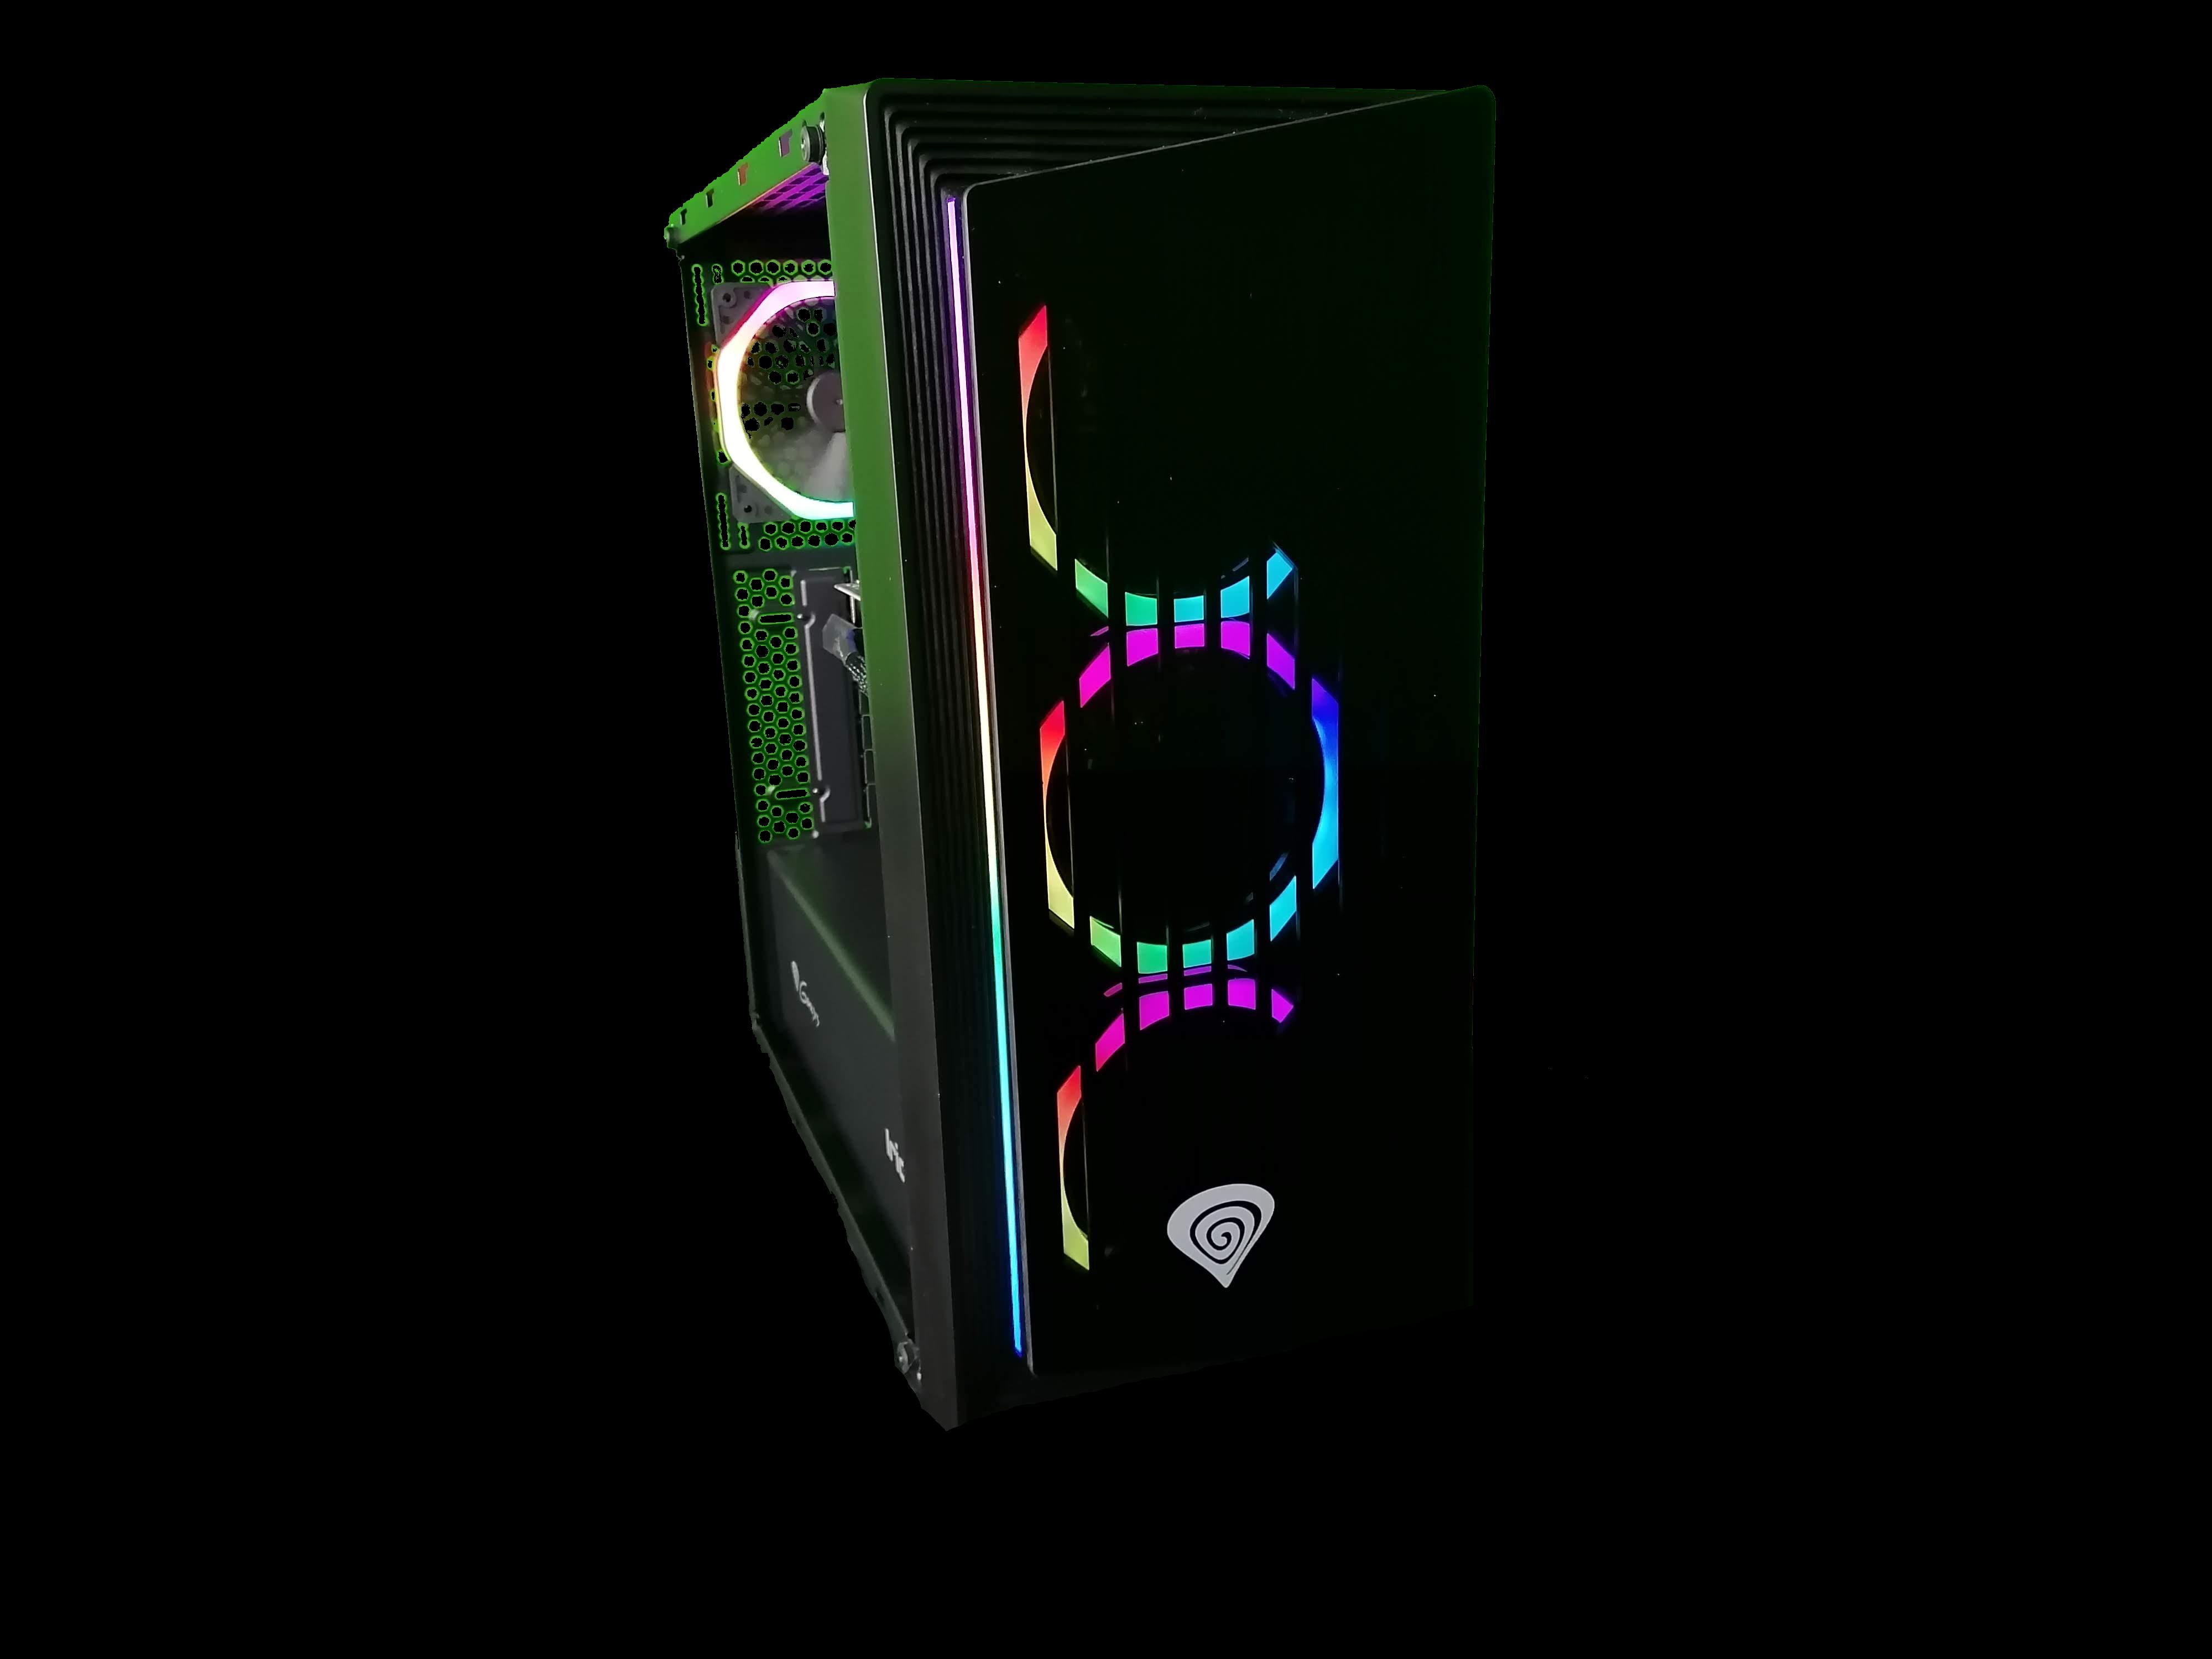 X-DIABLO Gamer 5 1660S RGB (i5-10400F/16GB/SSD 1000GB NVME/GTX1660S 6GB/W10/WIFI) - 11552610